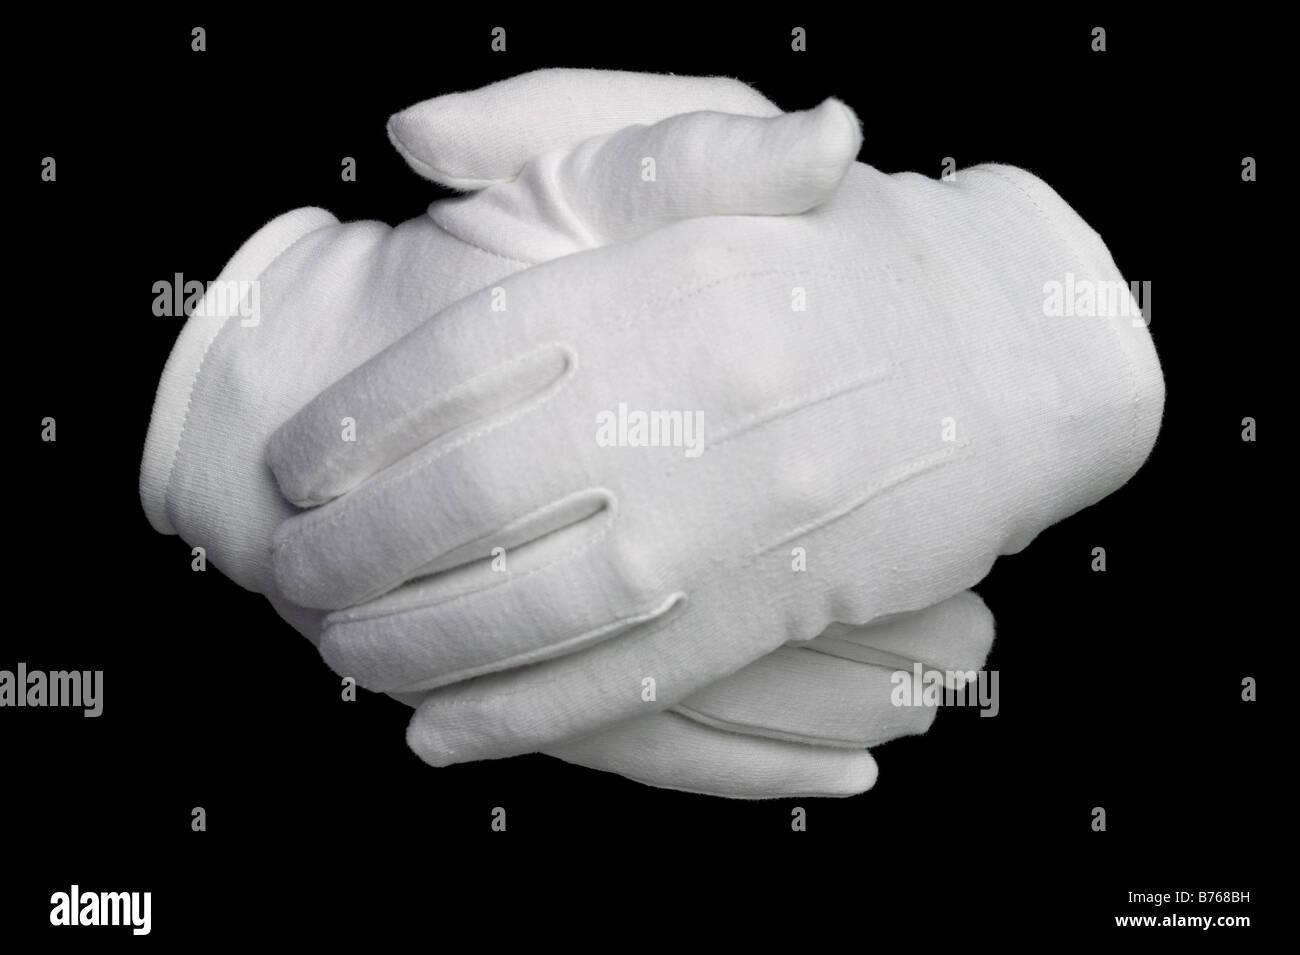 Hände in weiße Baumwollhandschuhe auf schwarzem Hintergrund isoliert Stockbild